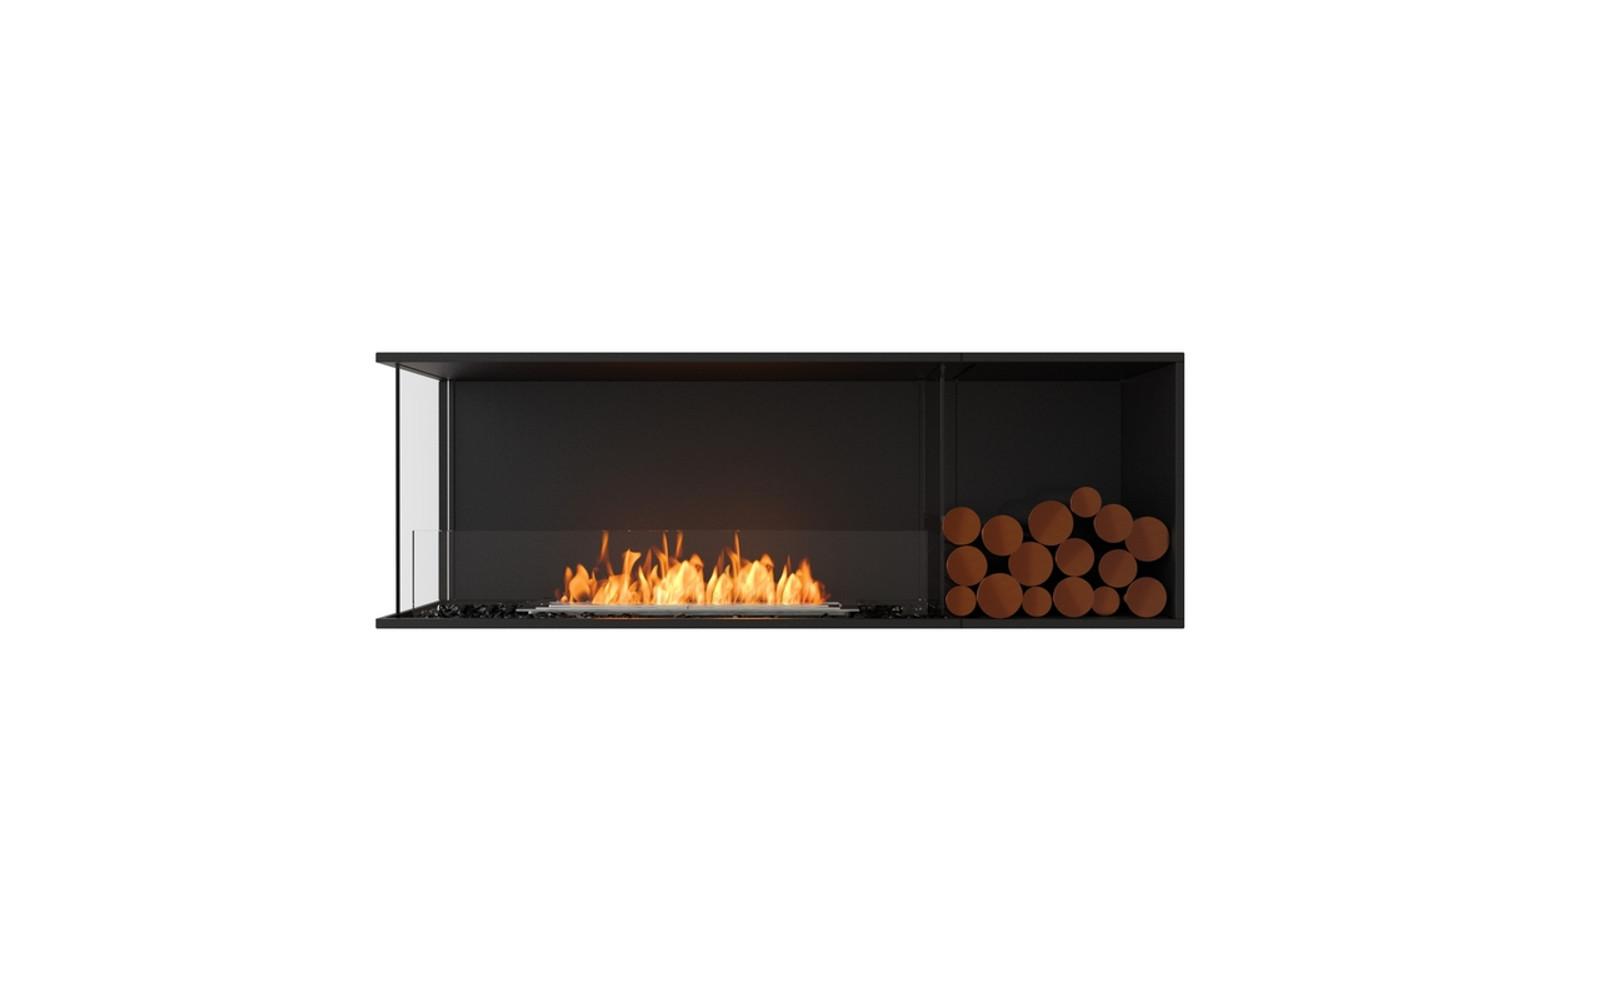 Flex Left Corner with right decorative box